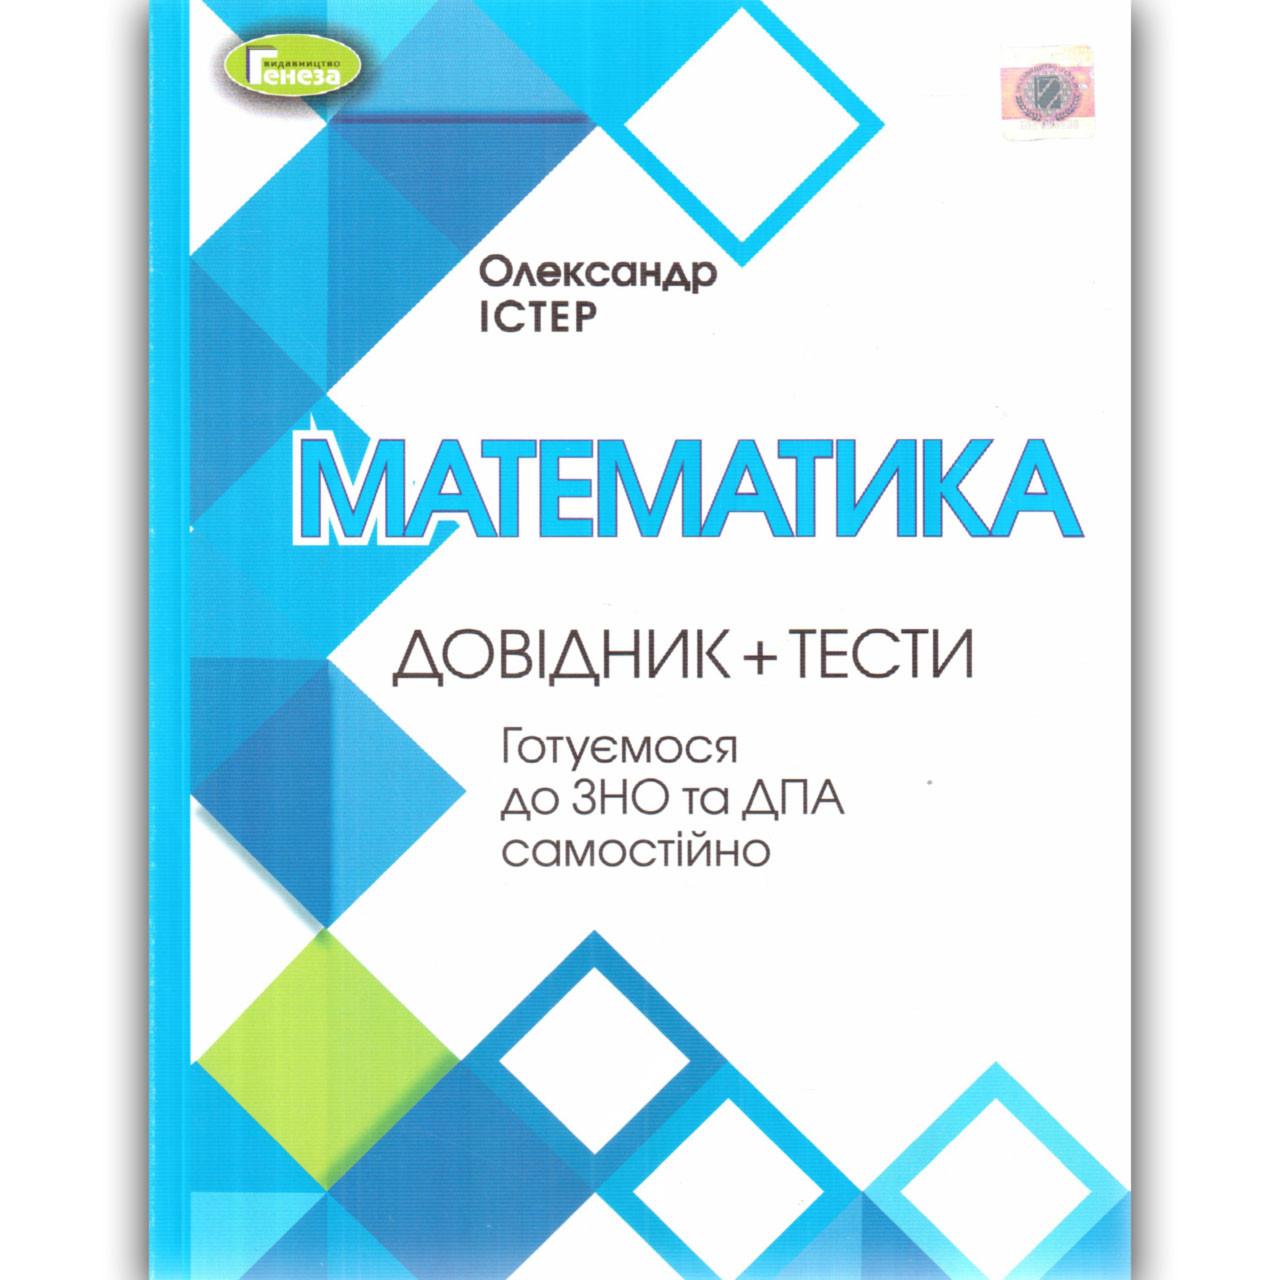 ЗНО 2022 Математика Довідник+Тести Авт: Істер О. Вид: Генеза